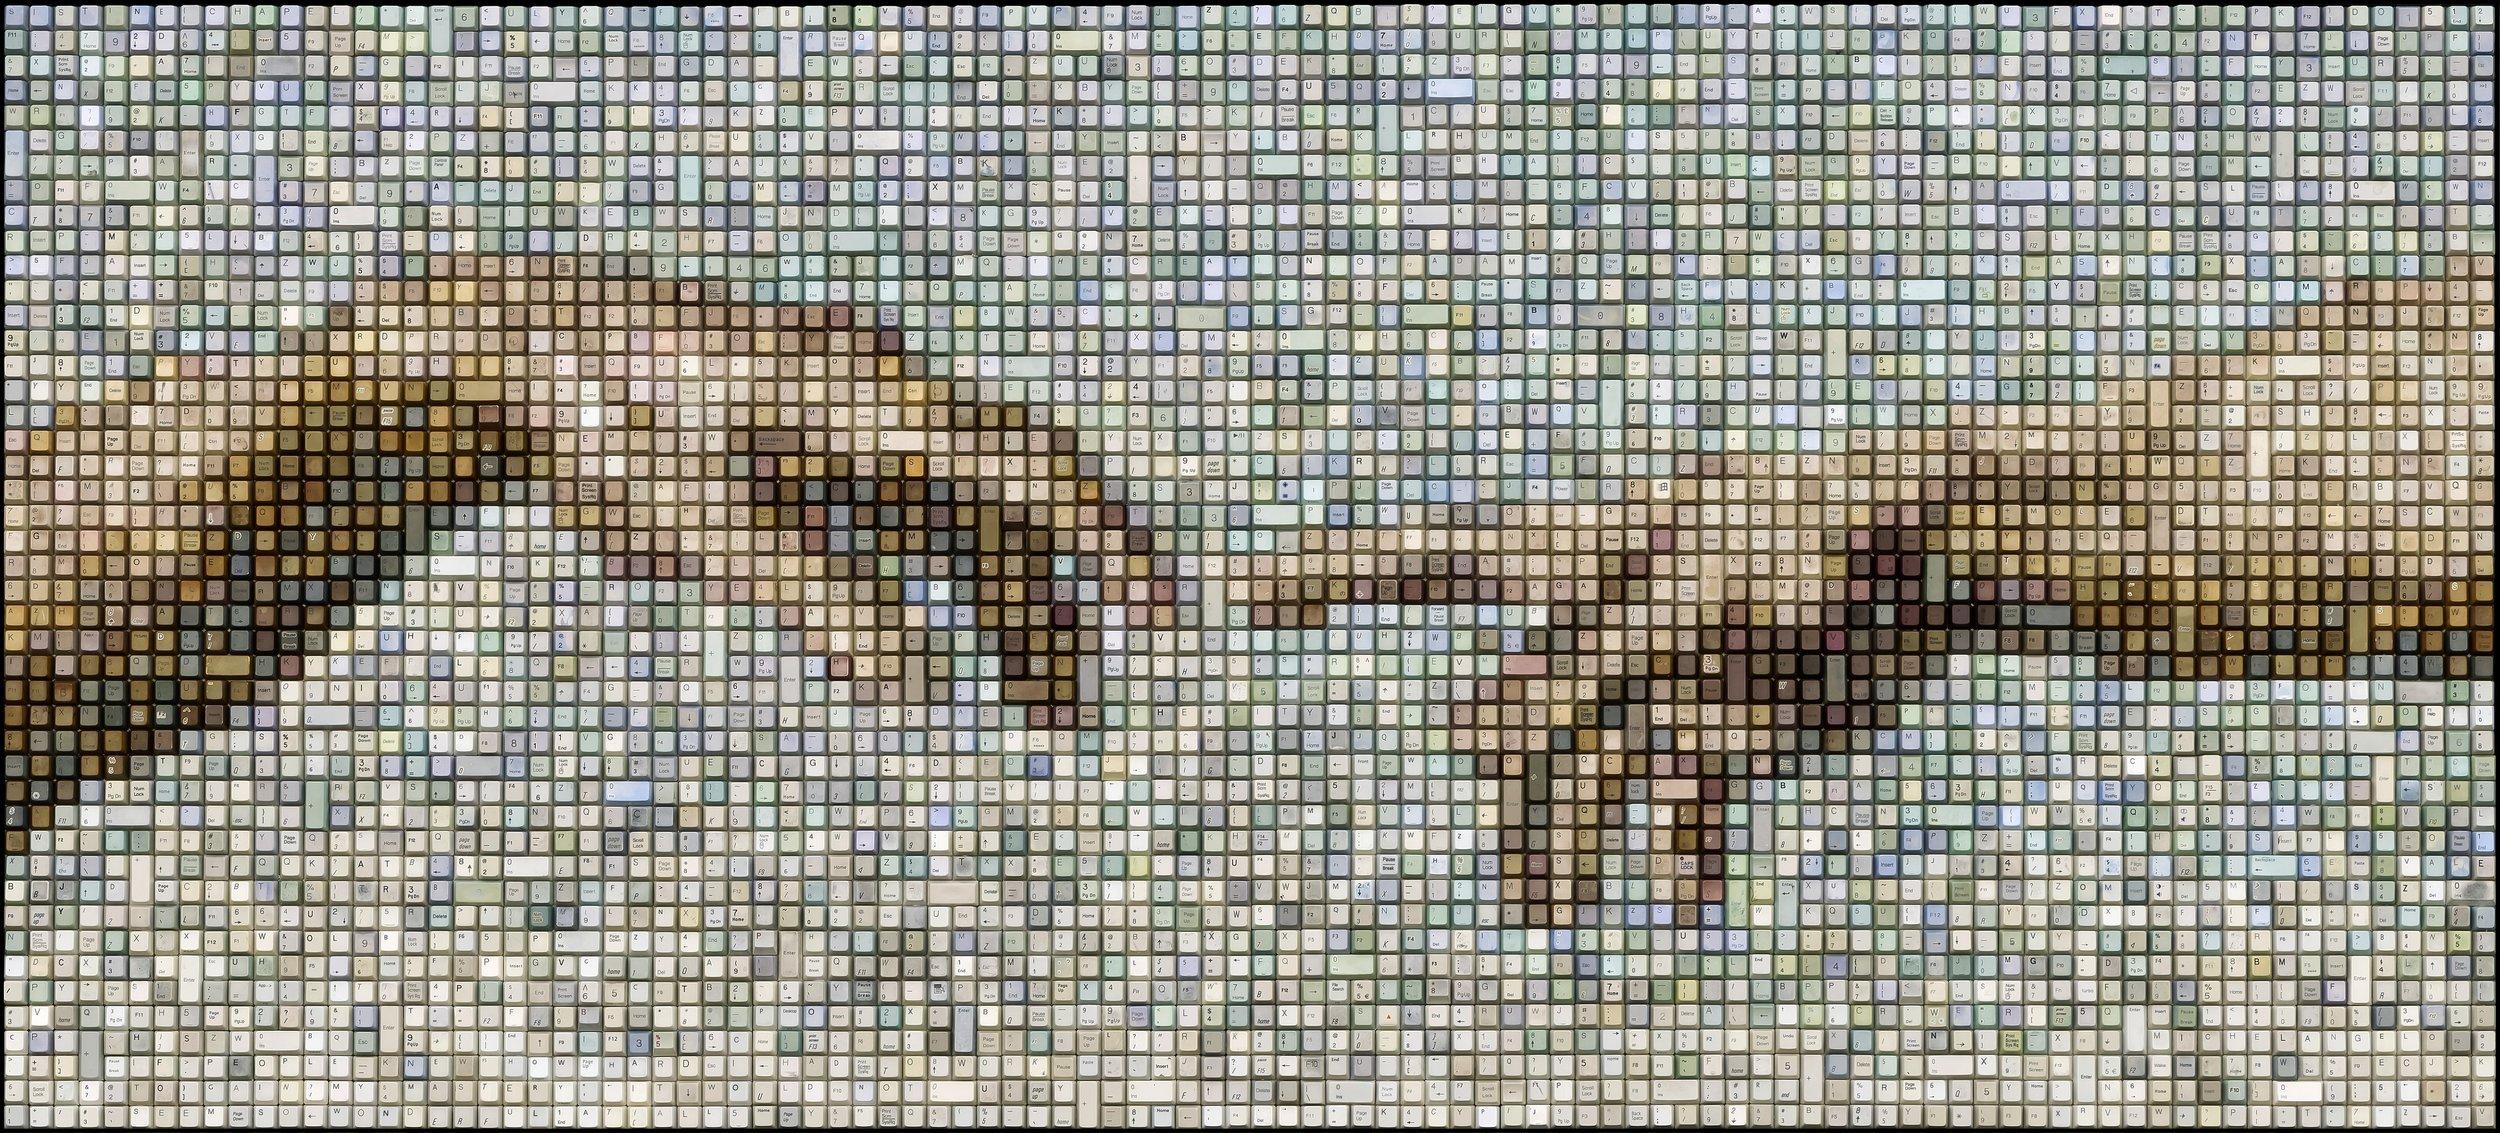 CREATION OF ADAM  | 33 X 72 in   ORIGINAL  |  PRINTS